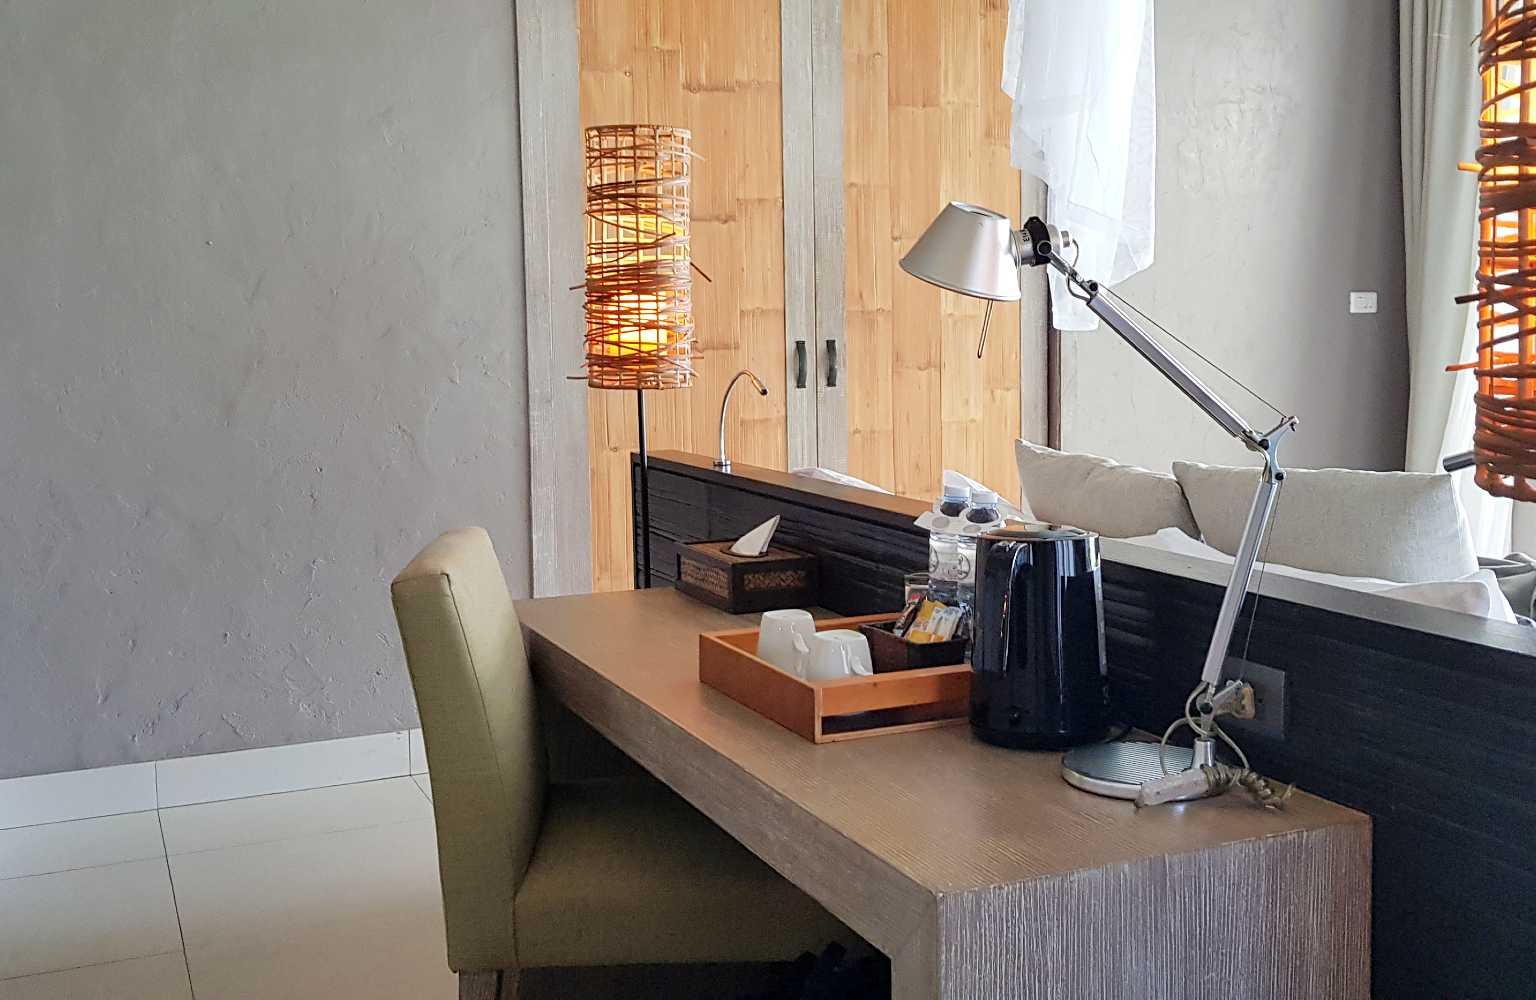 Hotel Twin lotus Koh Lanta, bureau in kamer